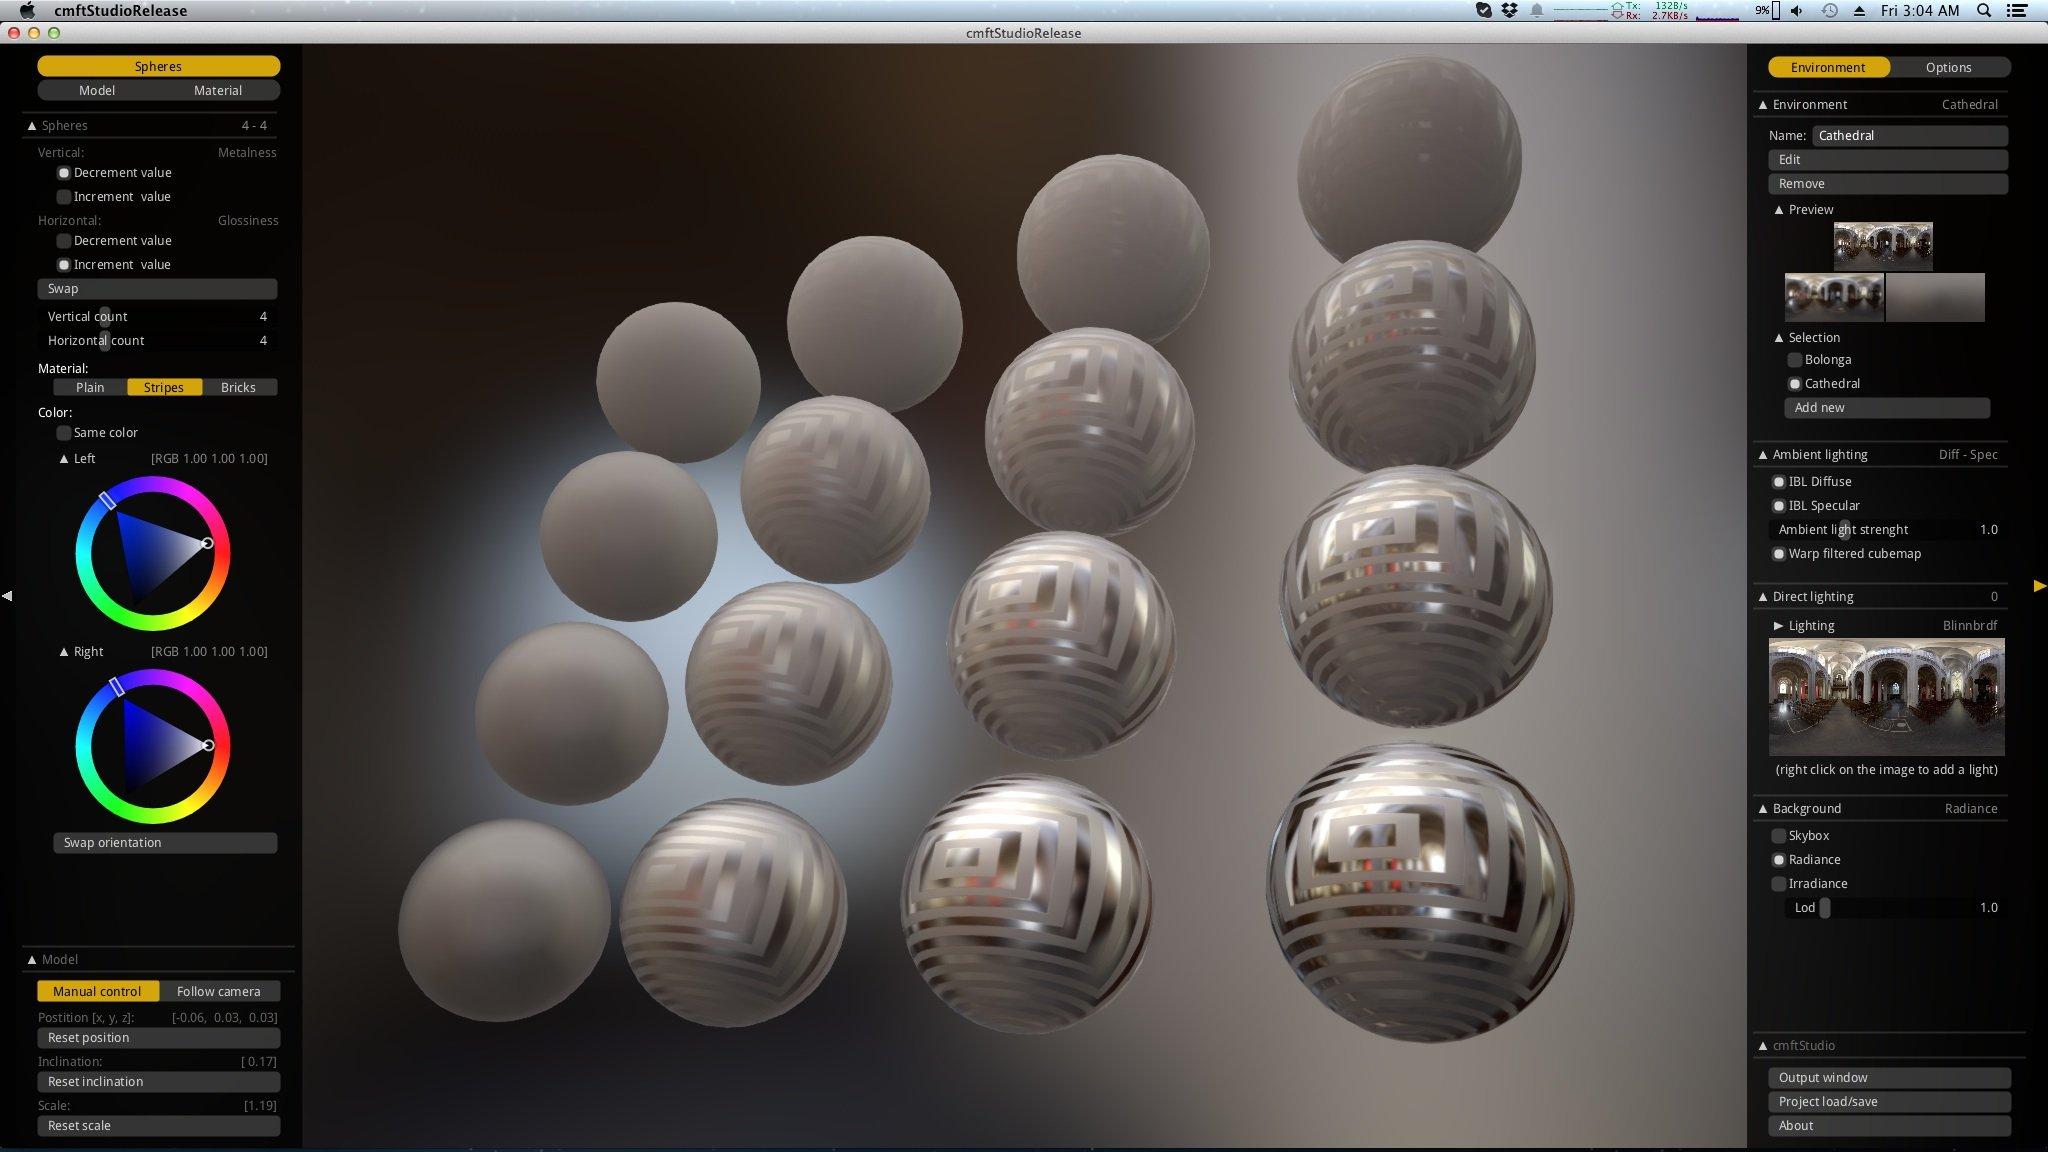 cmftStudioScreenshot